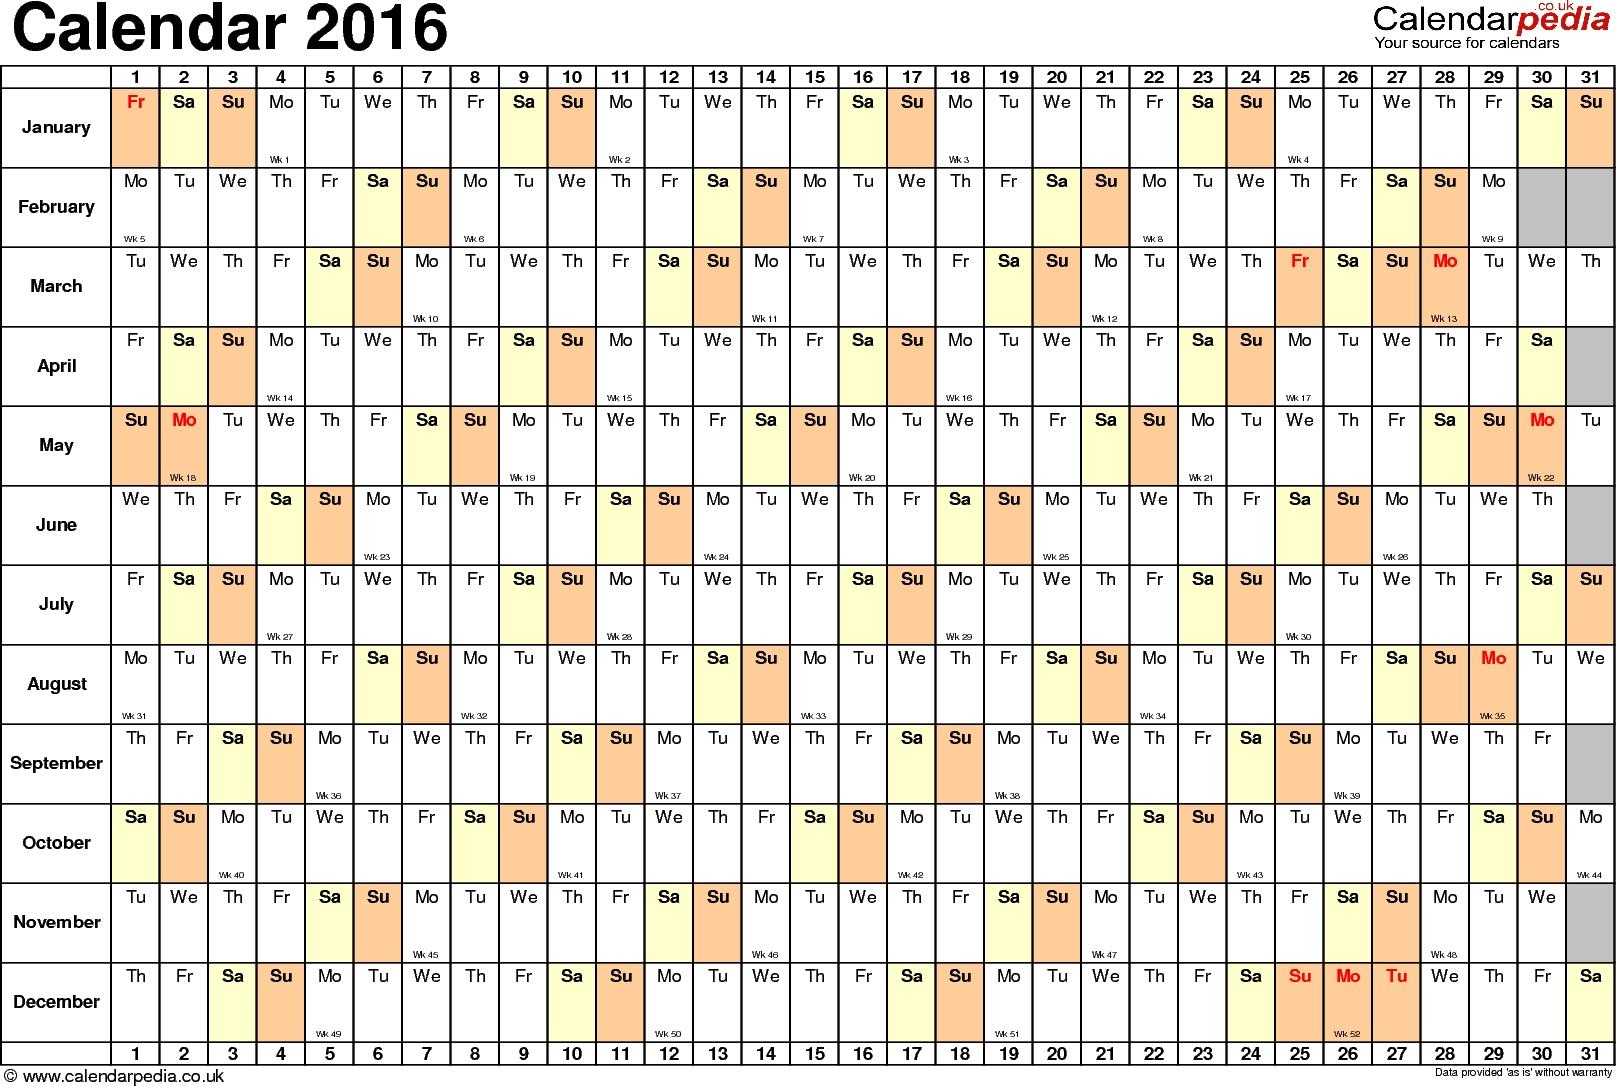 Excel Calendar 2016 Uk 16 Printable Templates Xlsx Free3abry